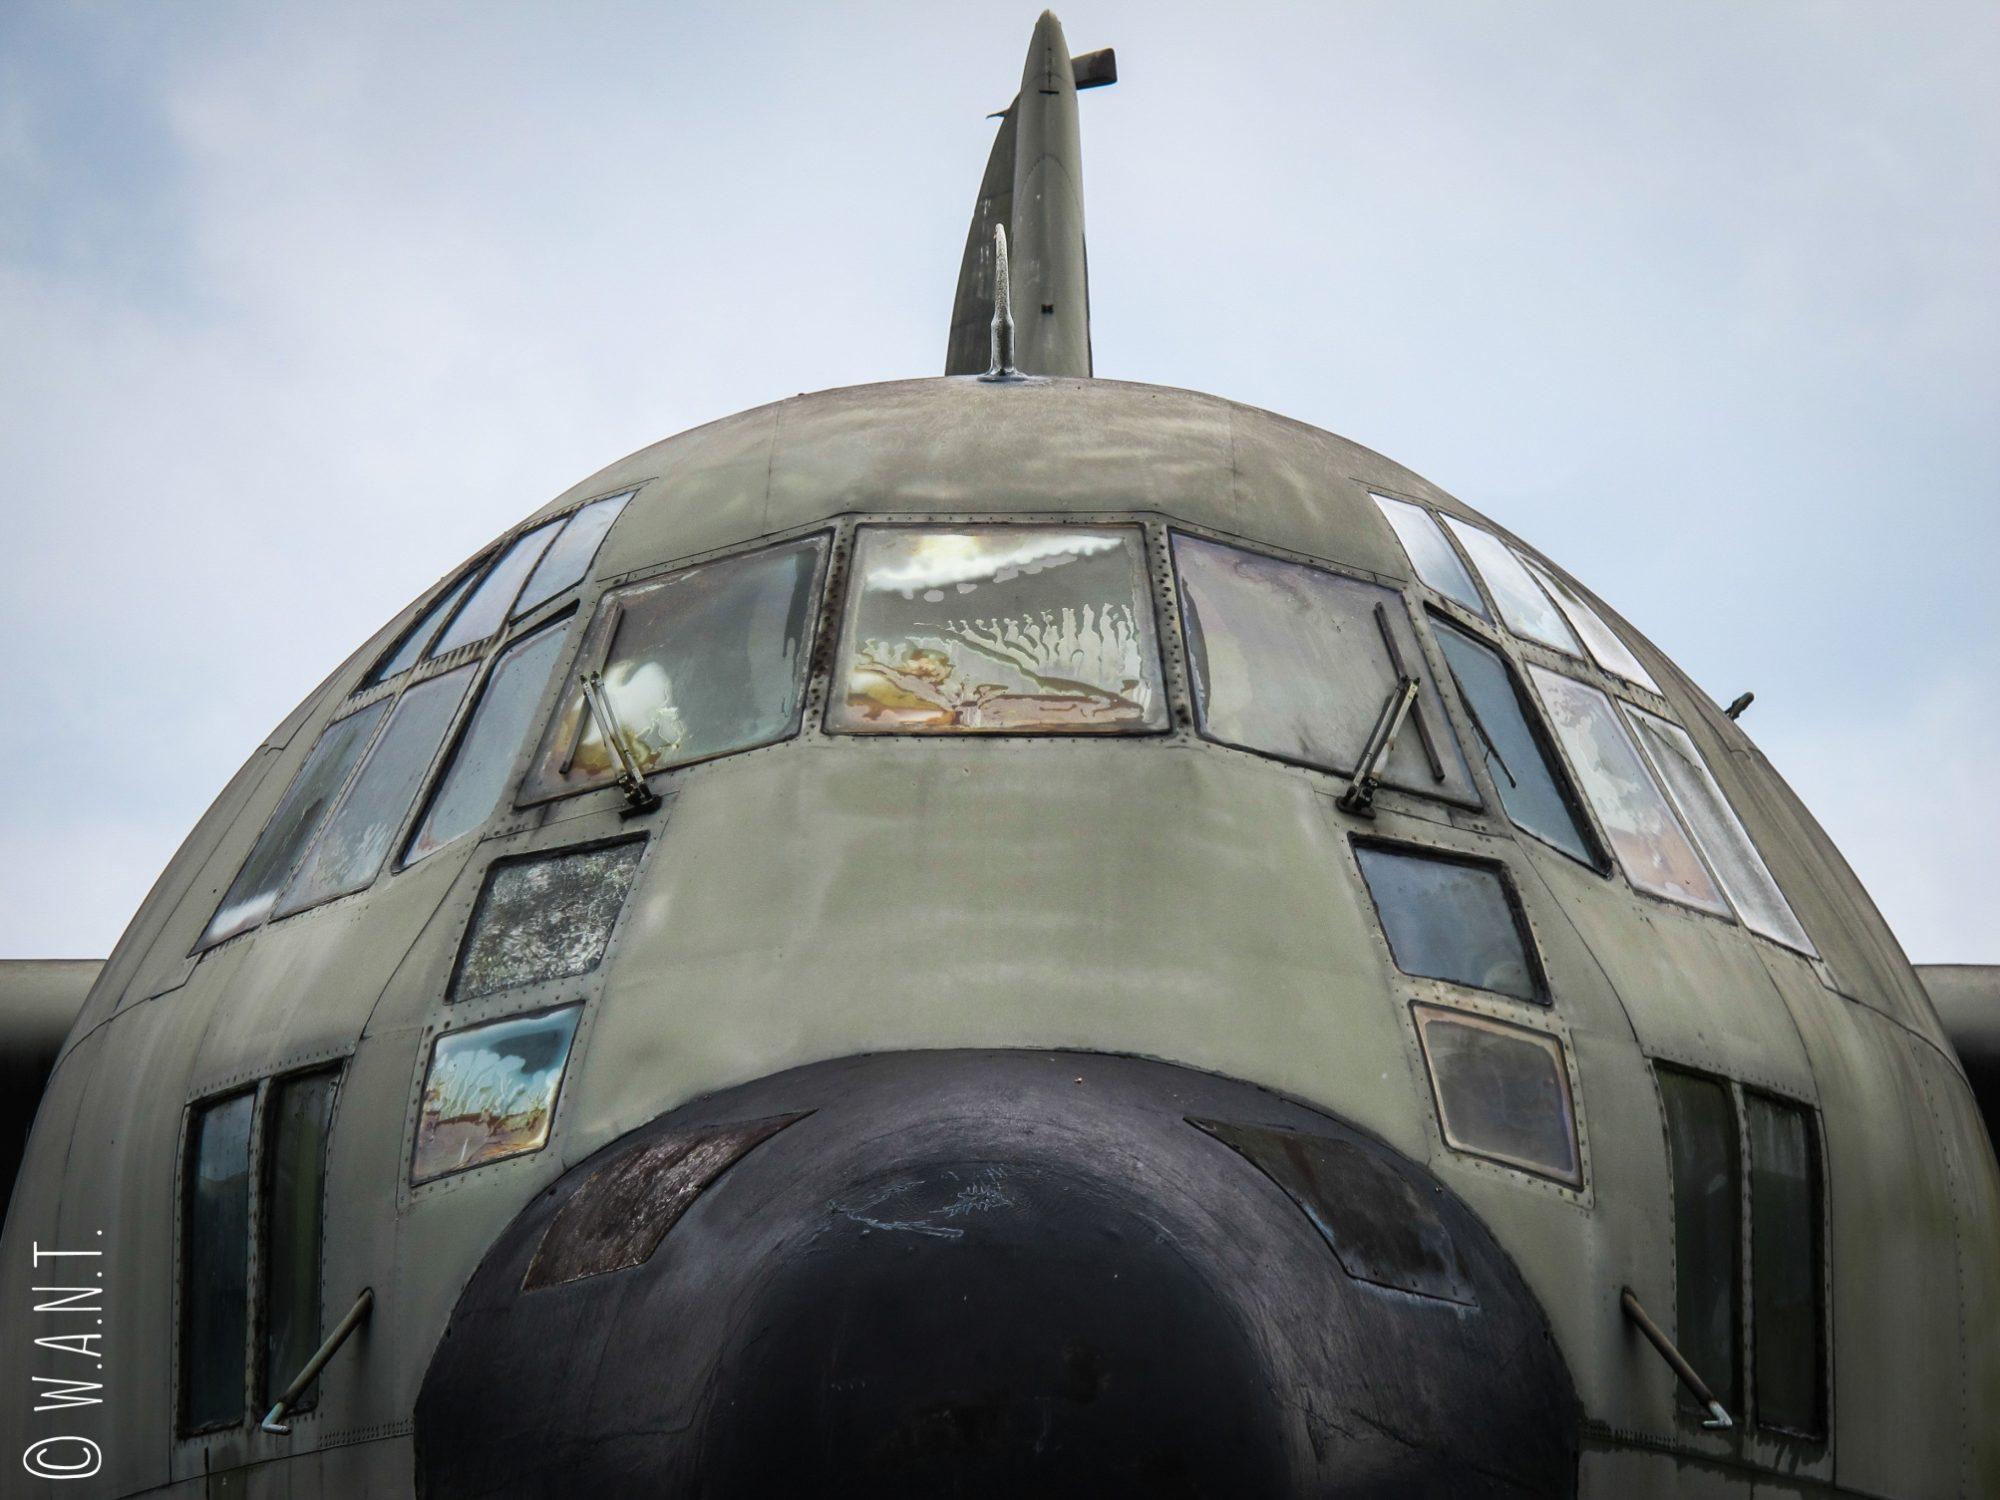 Gros plan du cockpit d'un Lockheed C-130 Hercules conservé à l'ancienne base américaine de Khe Sanh